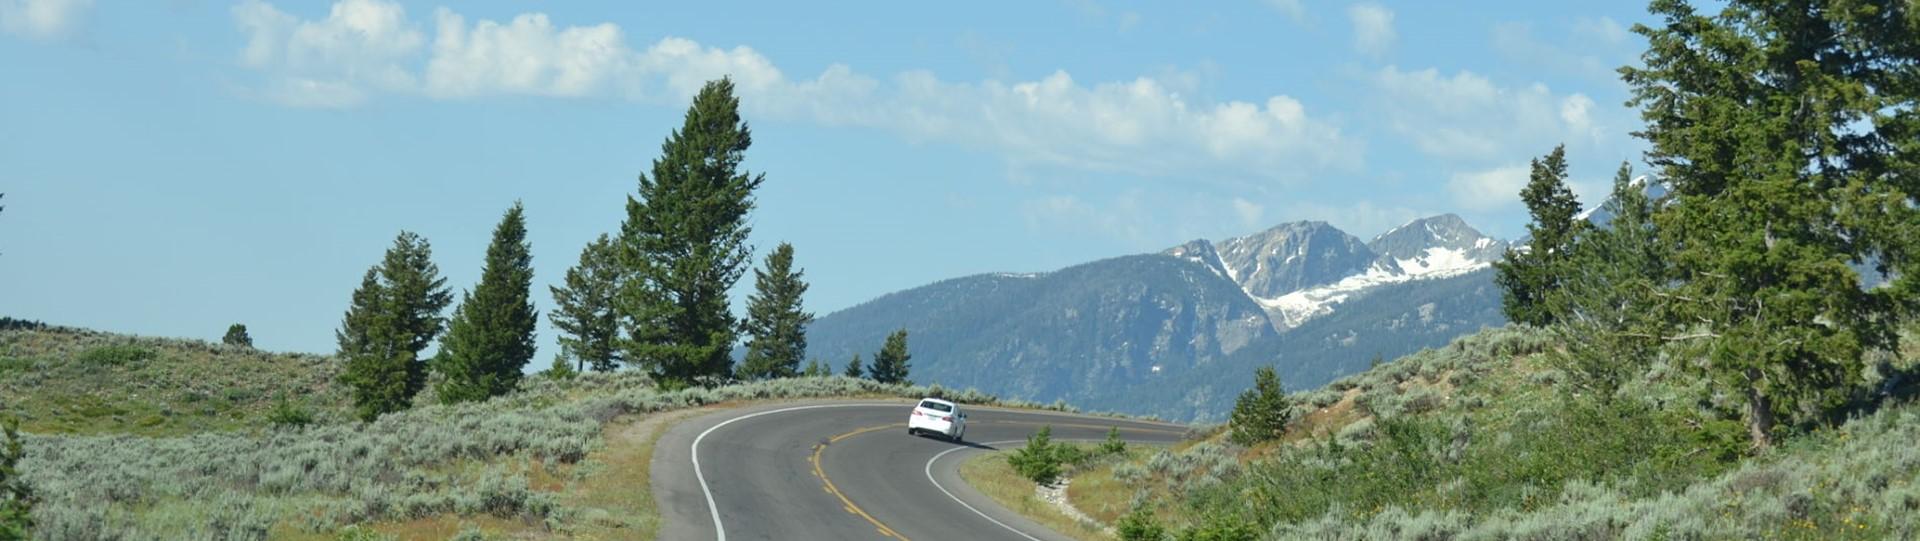 Rondreis Noord-West USA